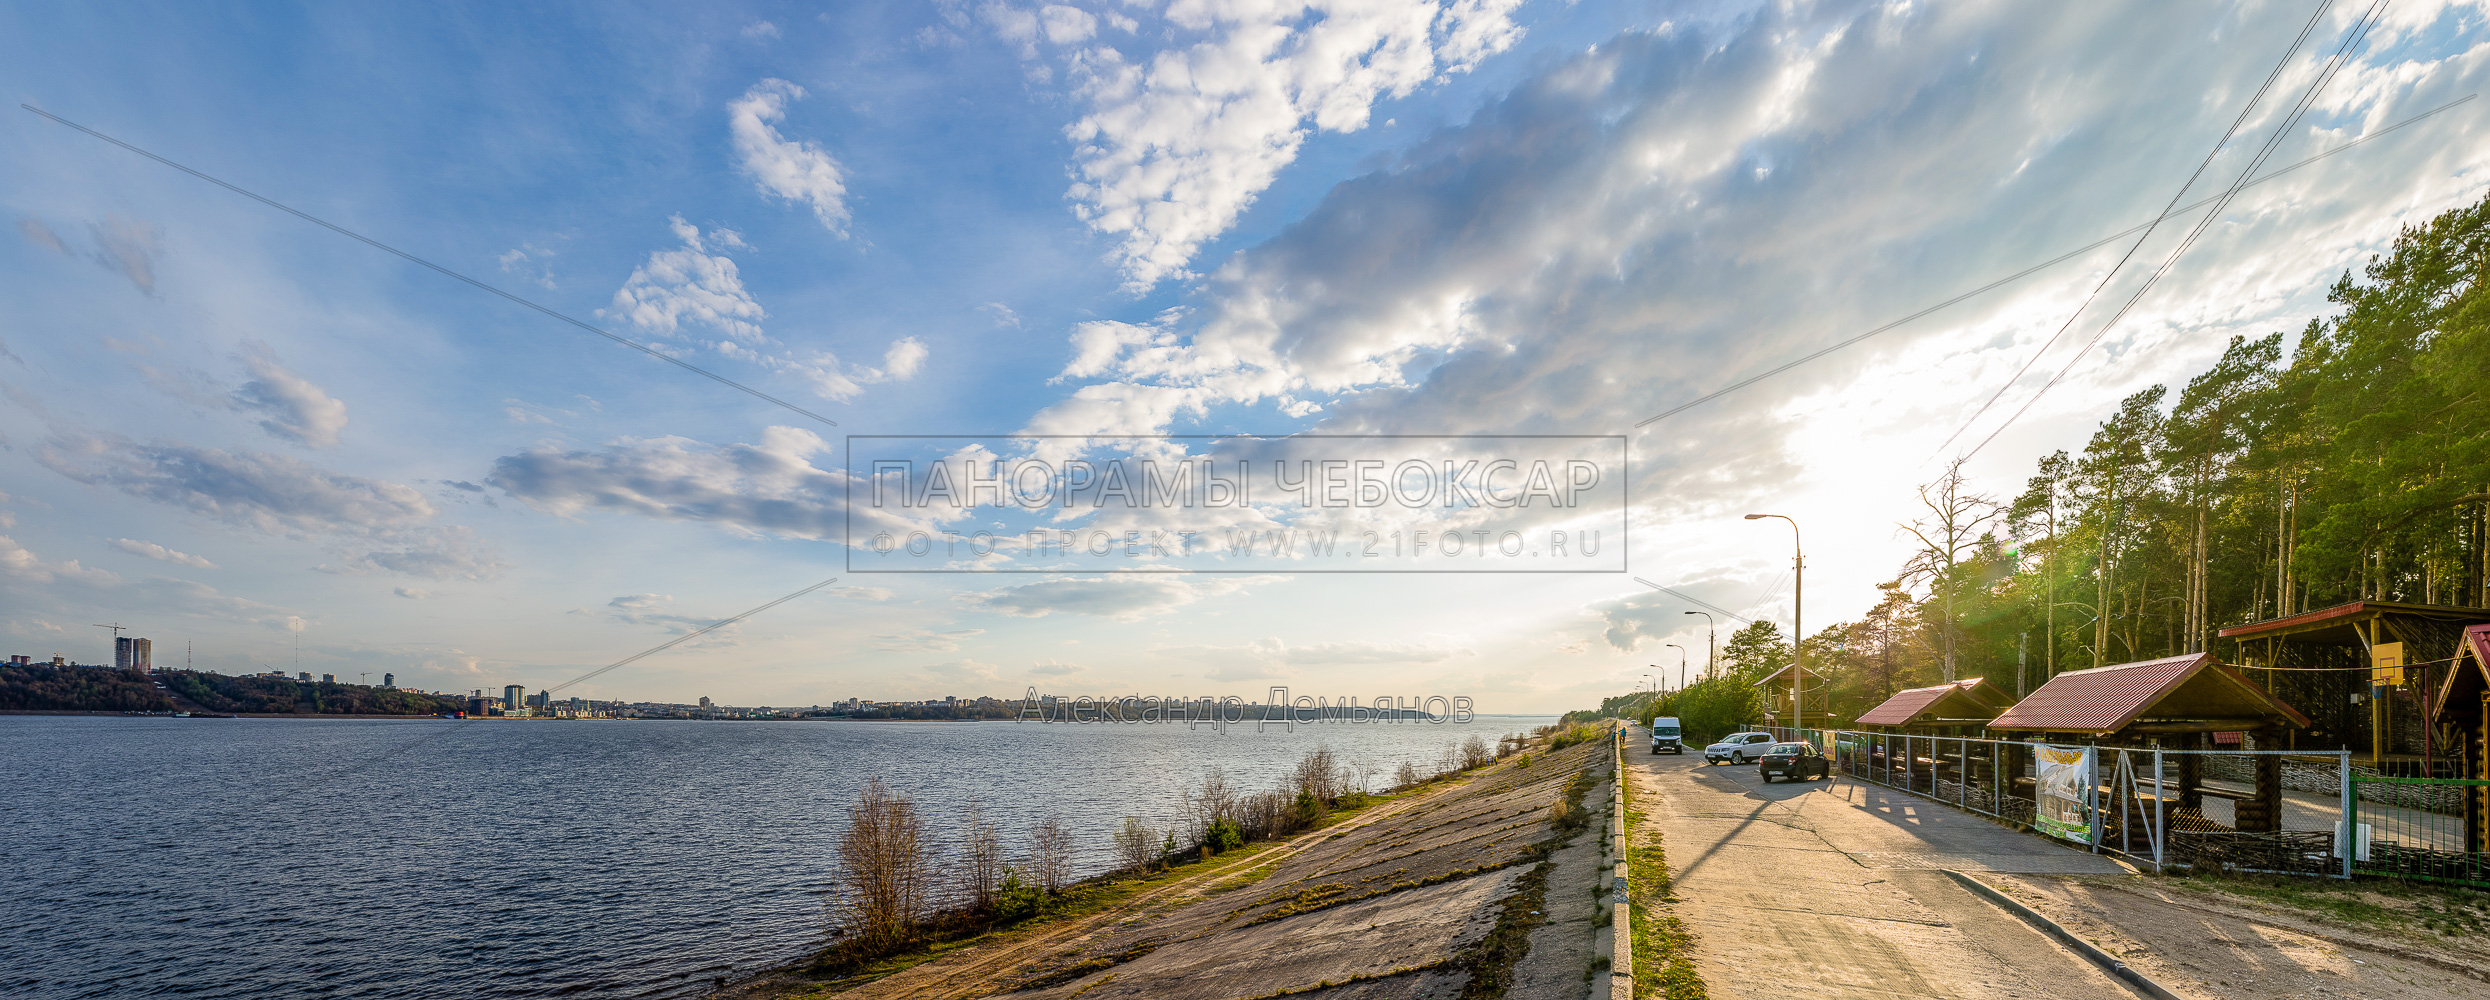 Закат на левом берегу Волги весной 2019